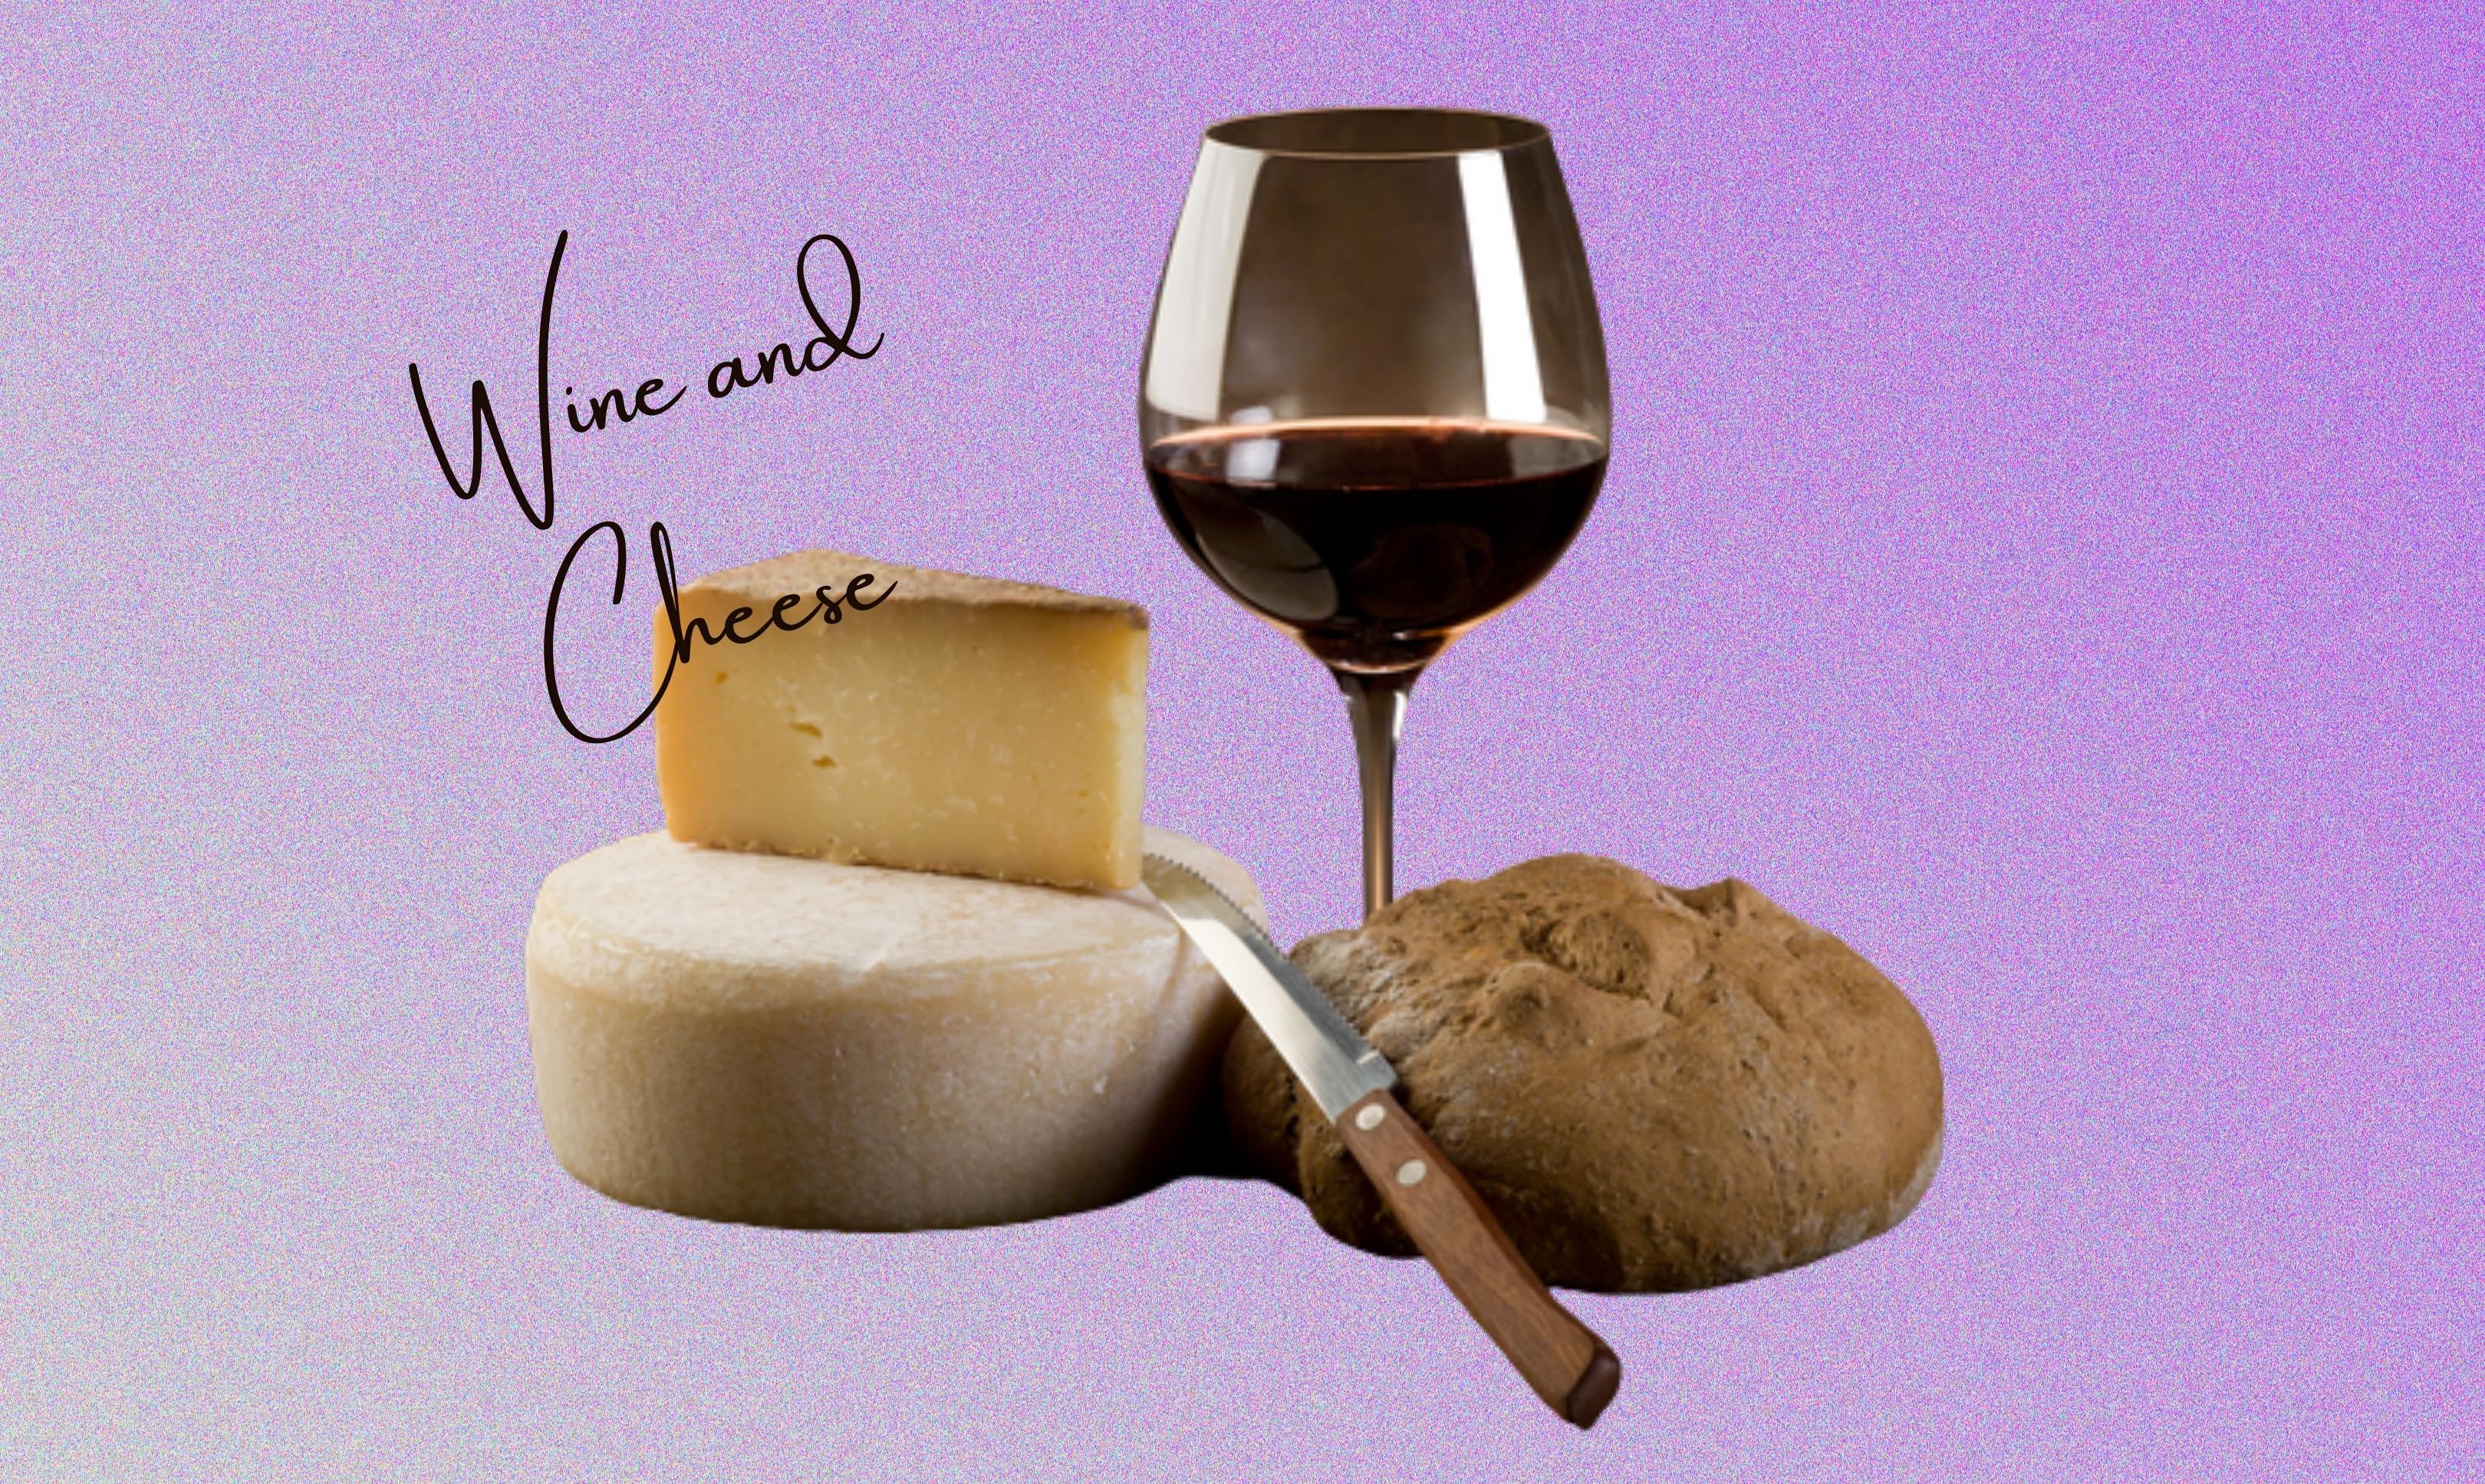 Сочетаем вино и сыр: авторская колонка Евгении Шакуро